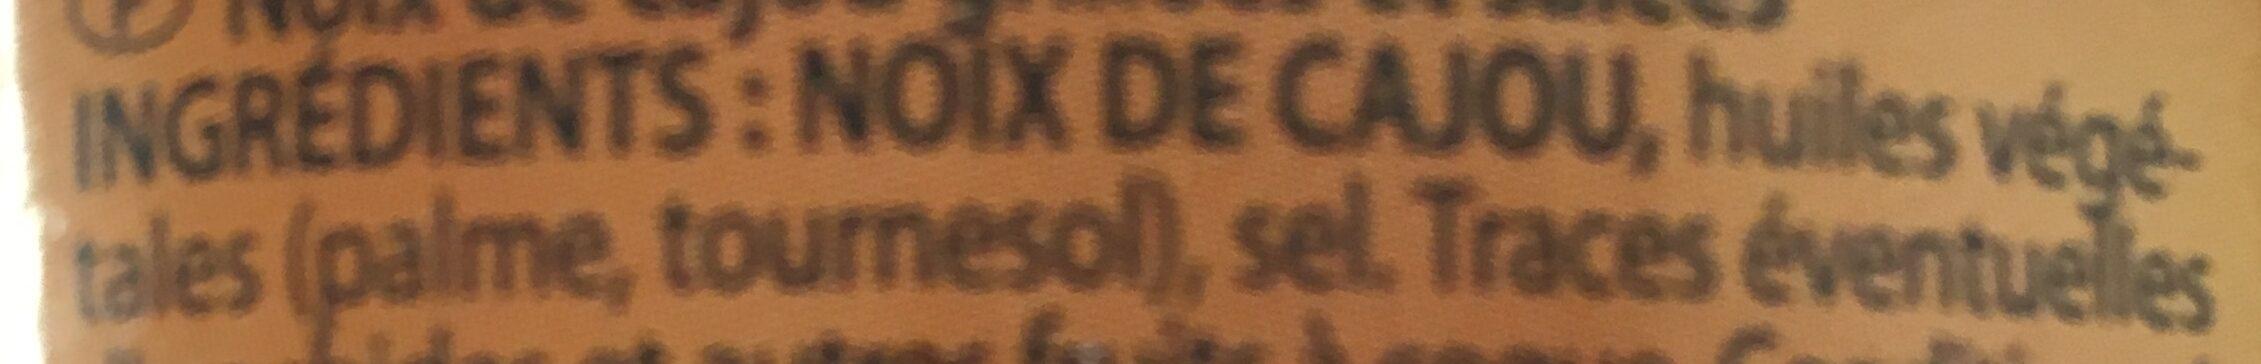 Noix De Cajou, 150g - Ingrédients - fr